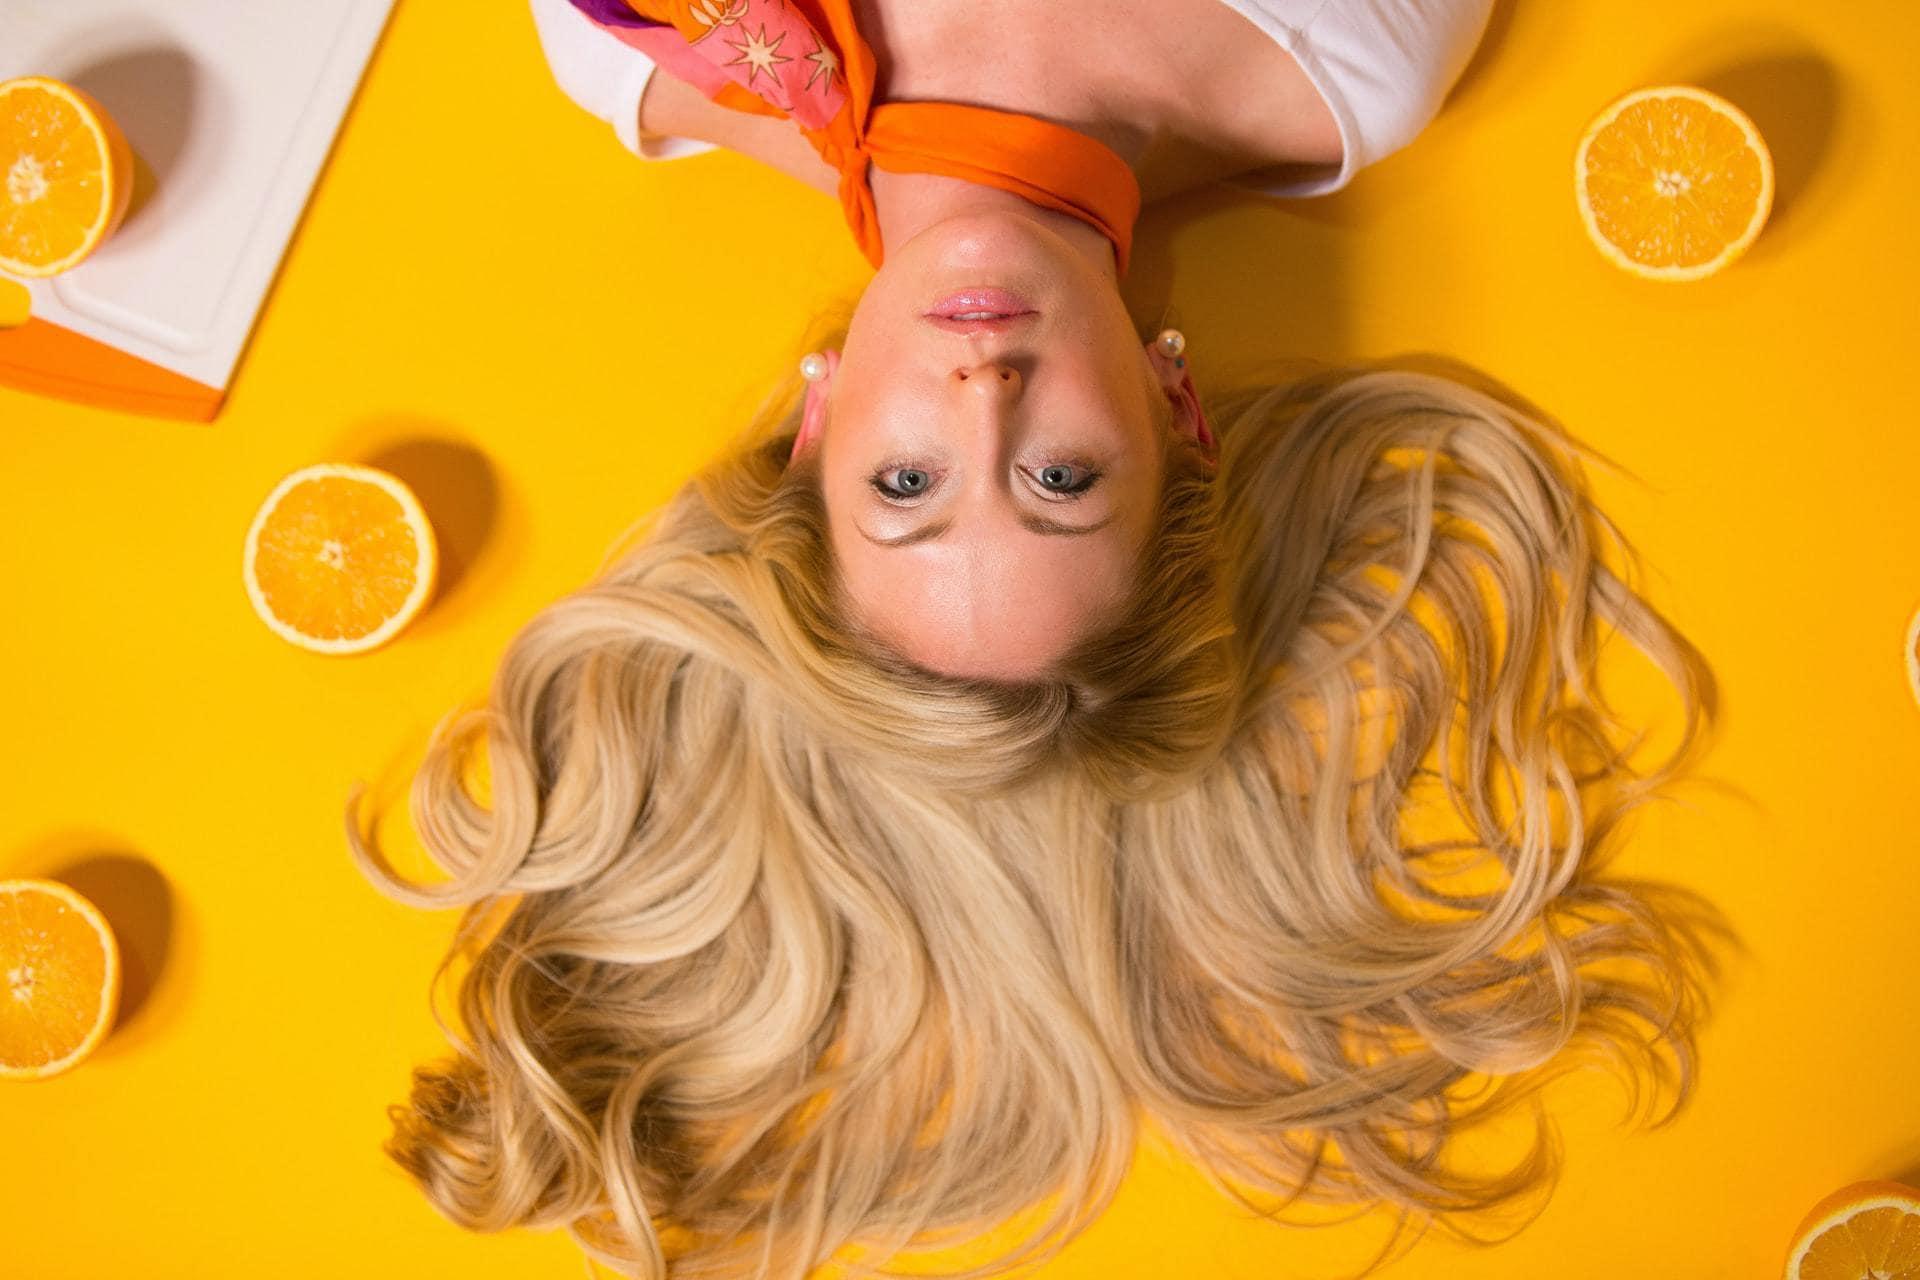 Vrouw met lang haar op gele achtergond met sinaasappels